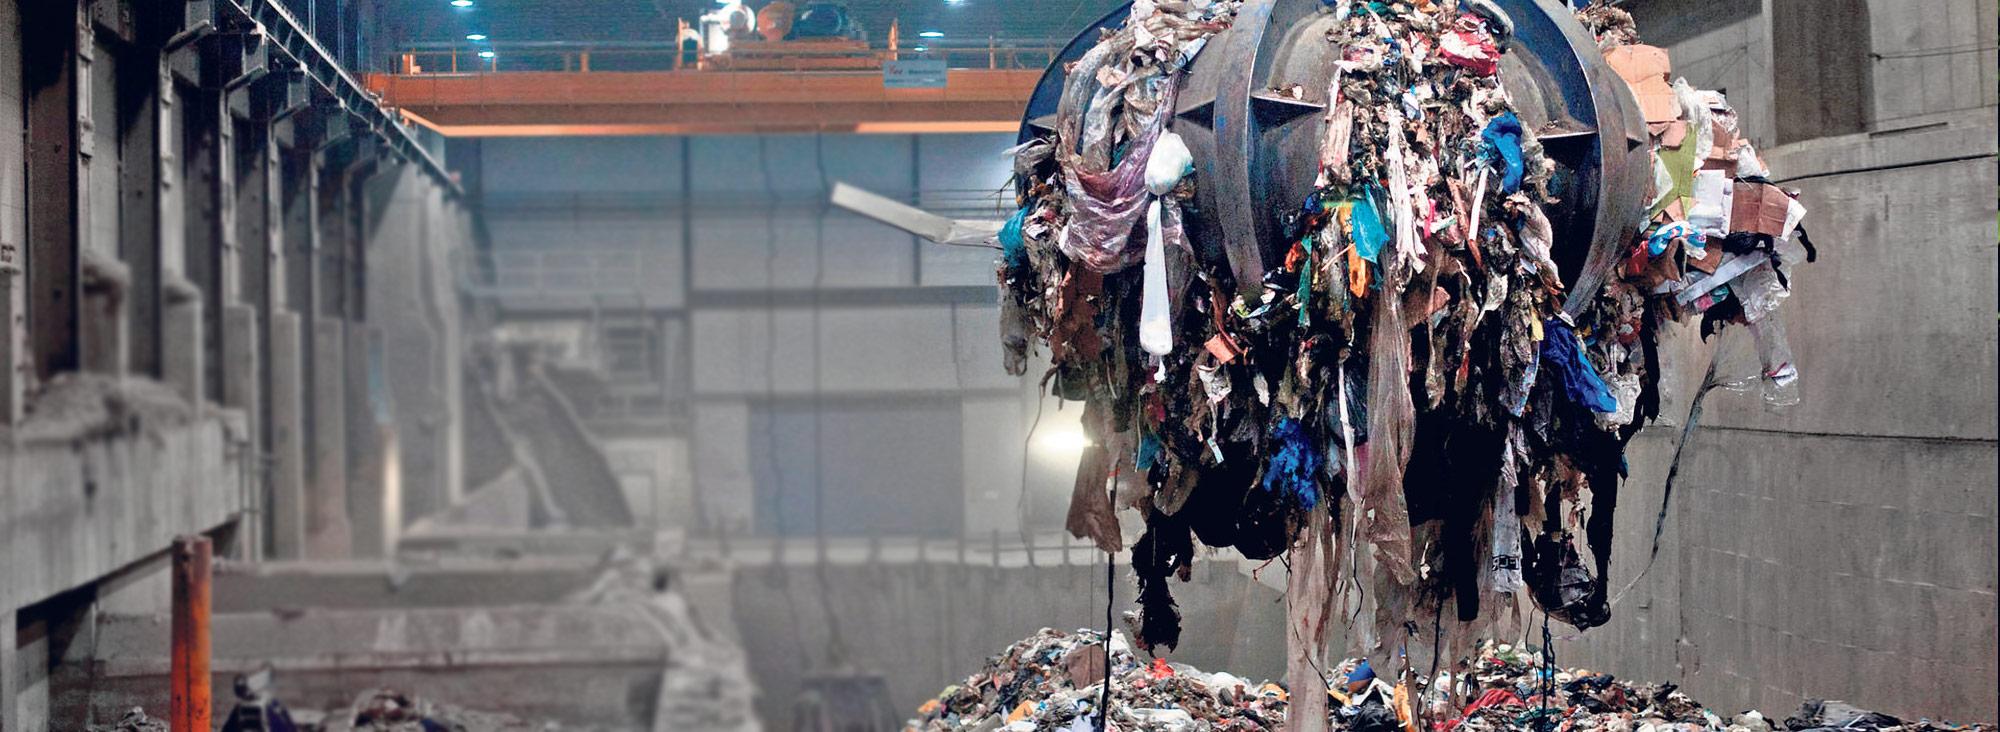 En la planta de Klemetsrud, ubicada en Oslo, los desechos se convierten en energía que mueve a Noruega.